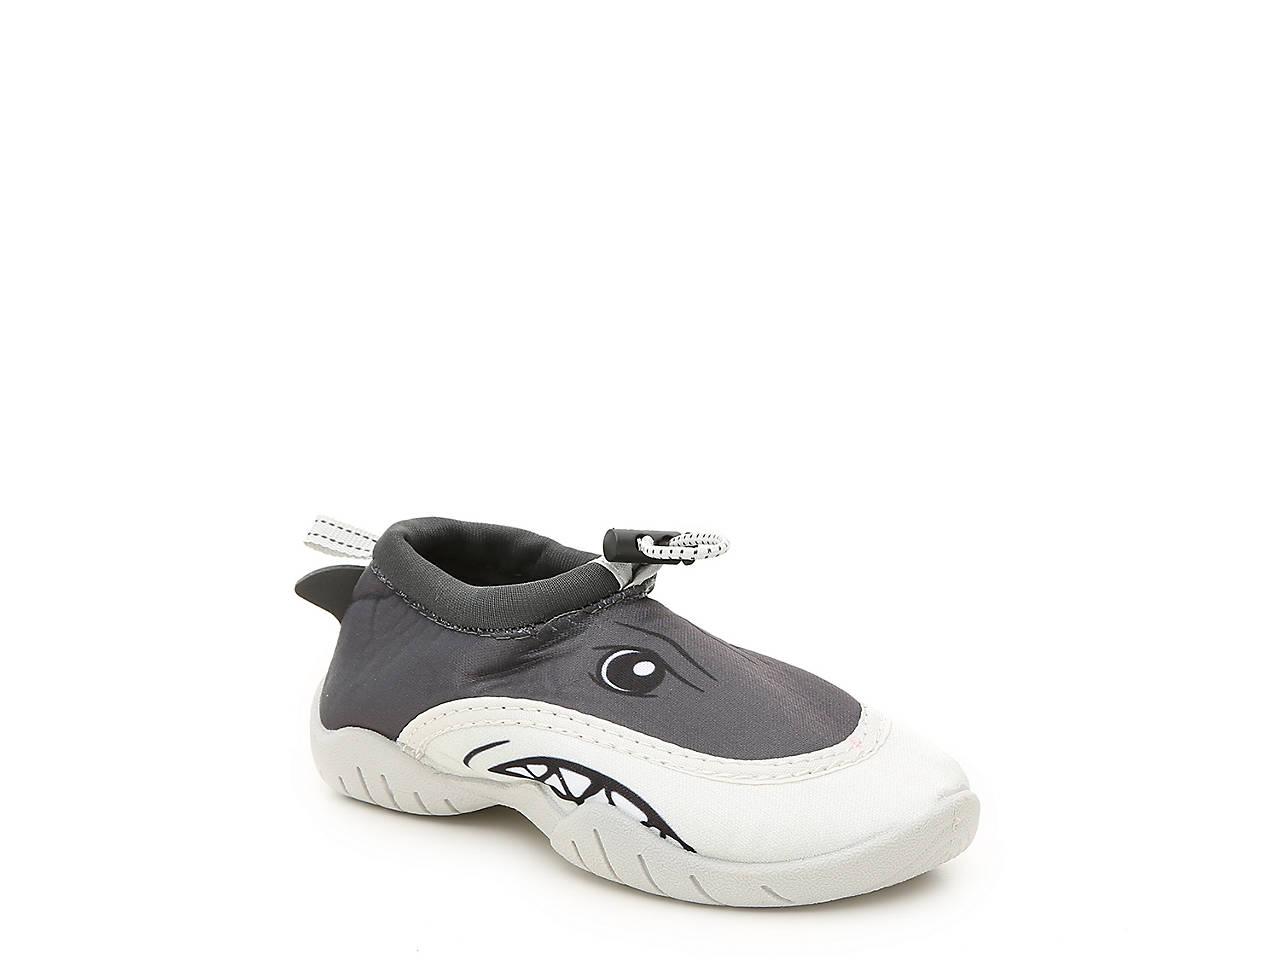 505fabcb4e99 Body Glove Sea Pals Shark Toddler Water Shoe Kids Shoes